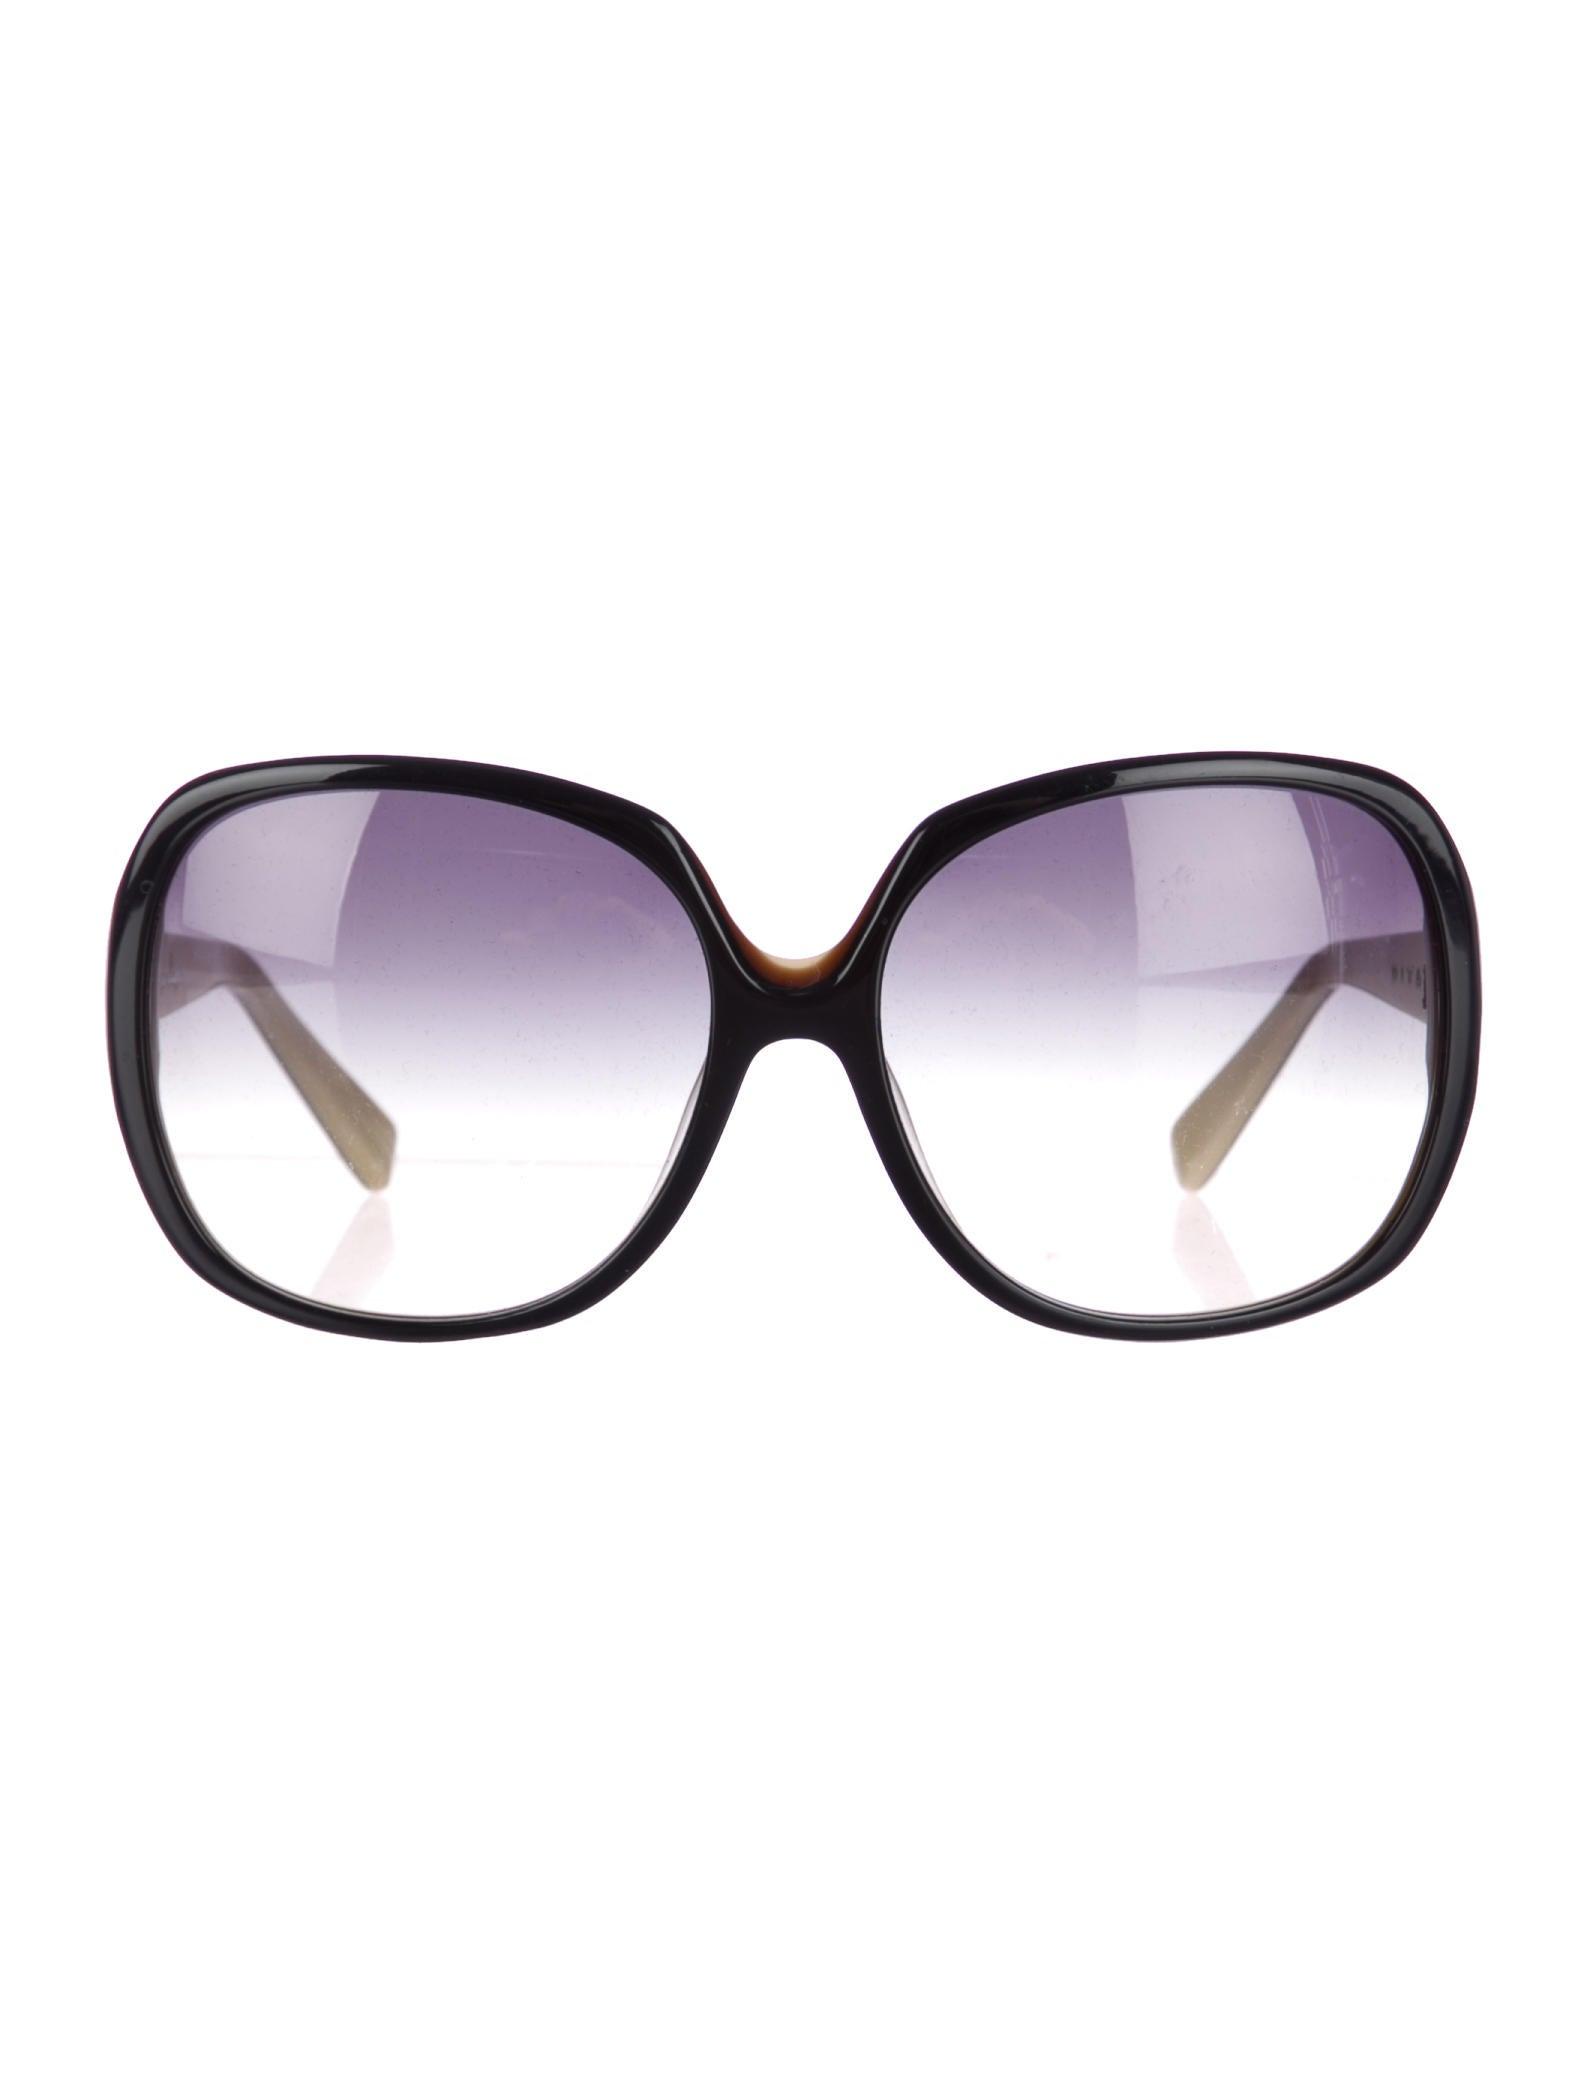 ac8d33a5ec6e Dita Supa-Dupa Sunglasses - Accessories - WDT20277